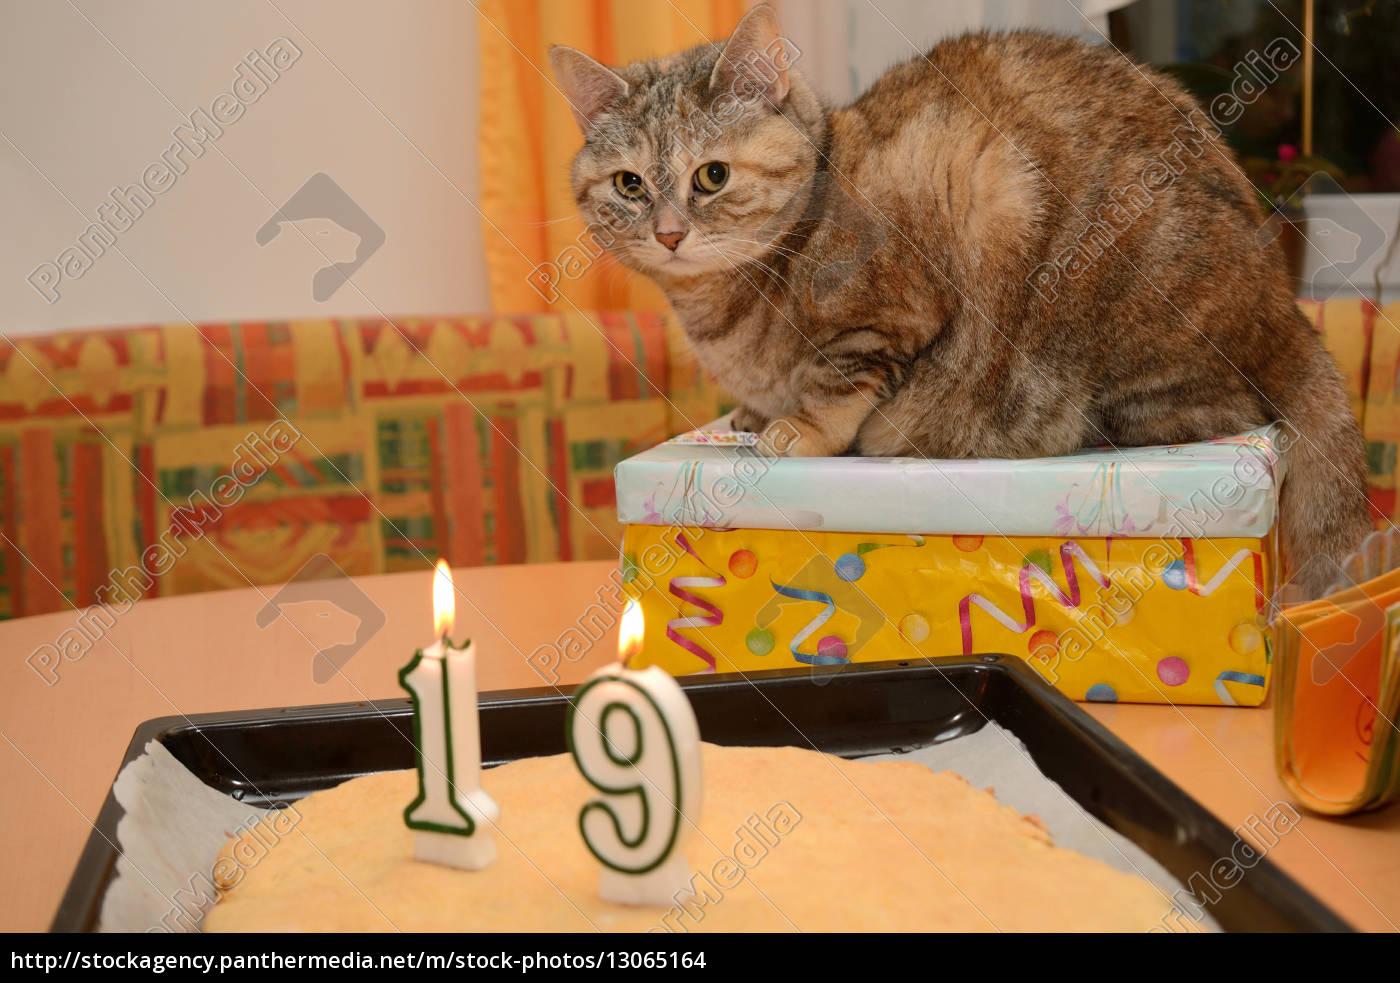 Happy Birthday Herzlichen Gluckwunsch Zum Geburtstag Geburtstag